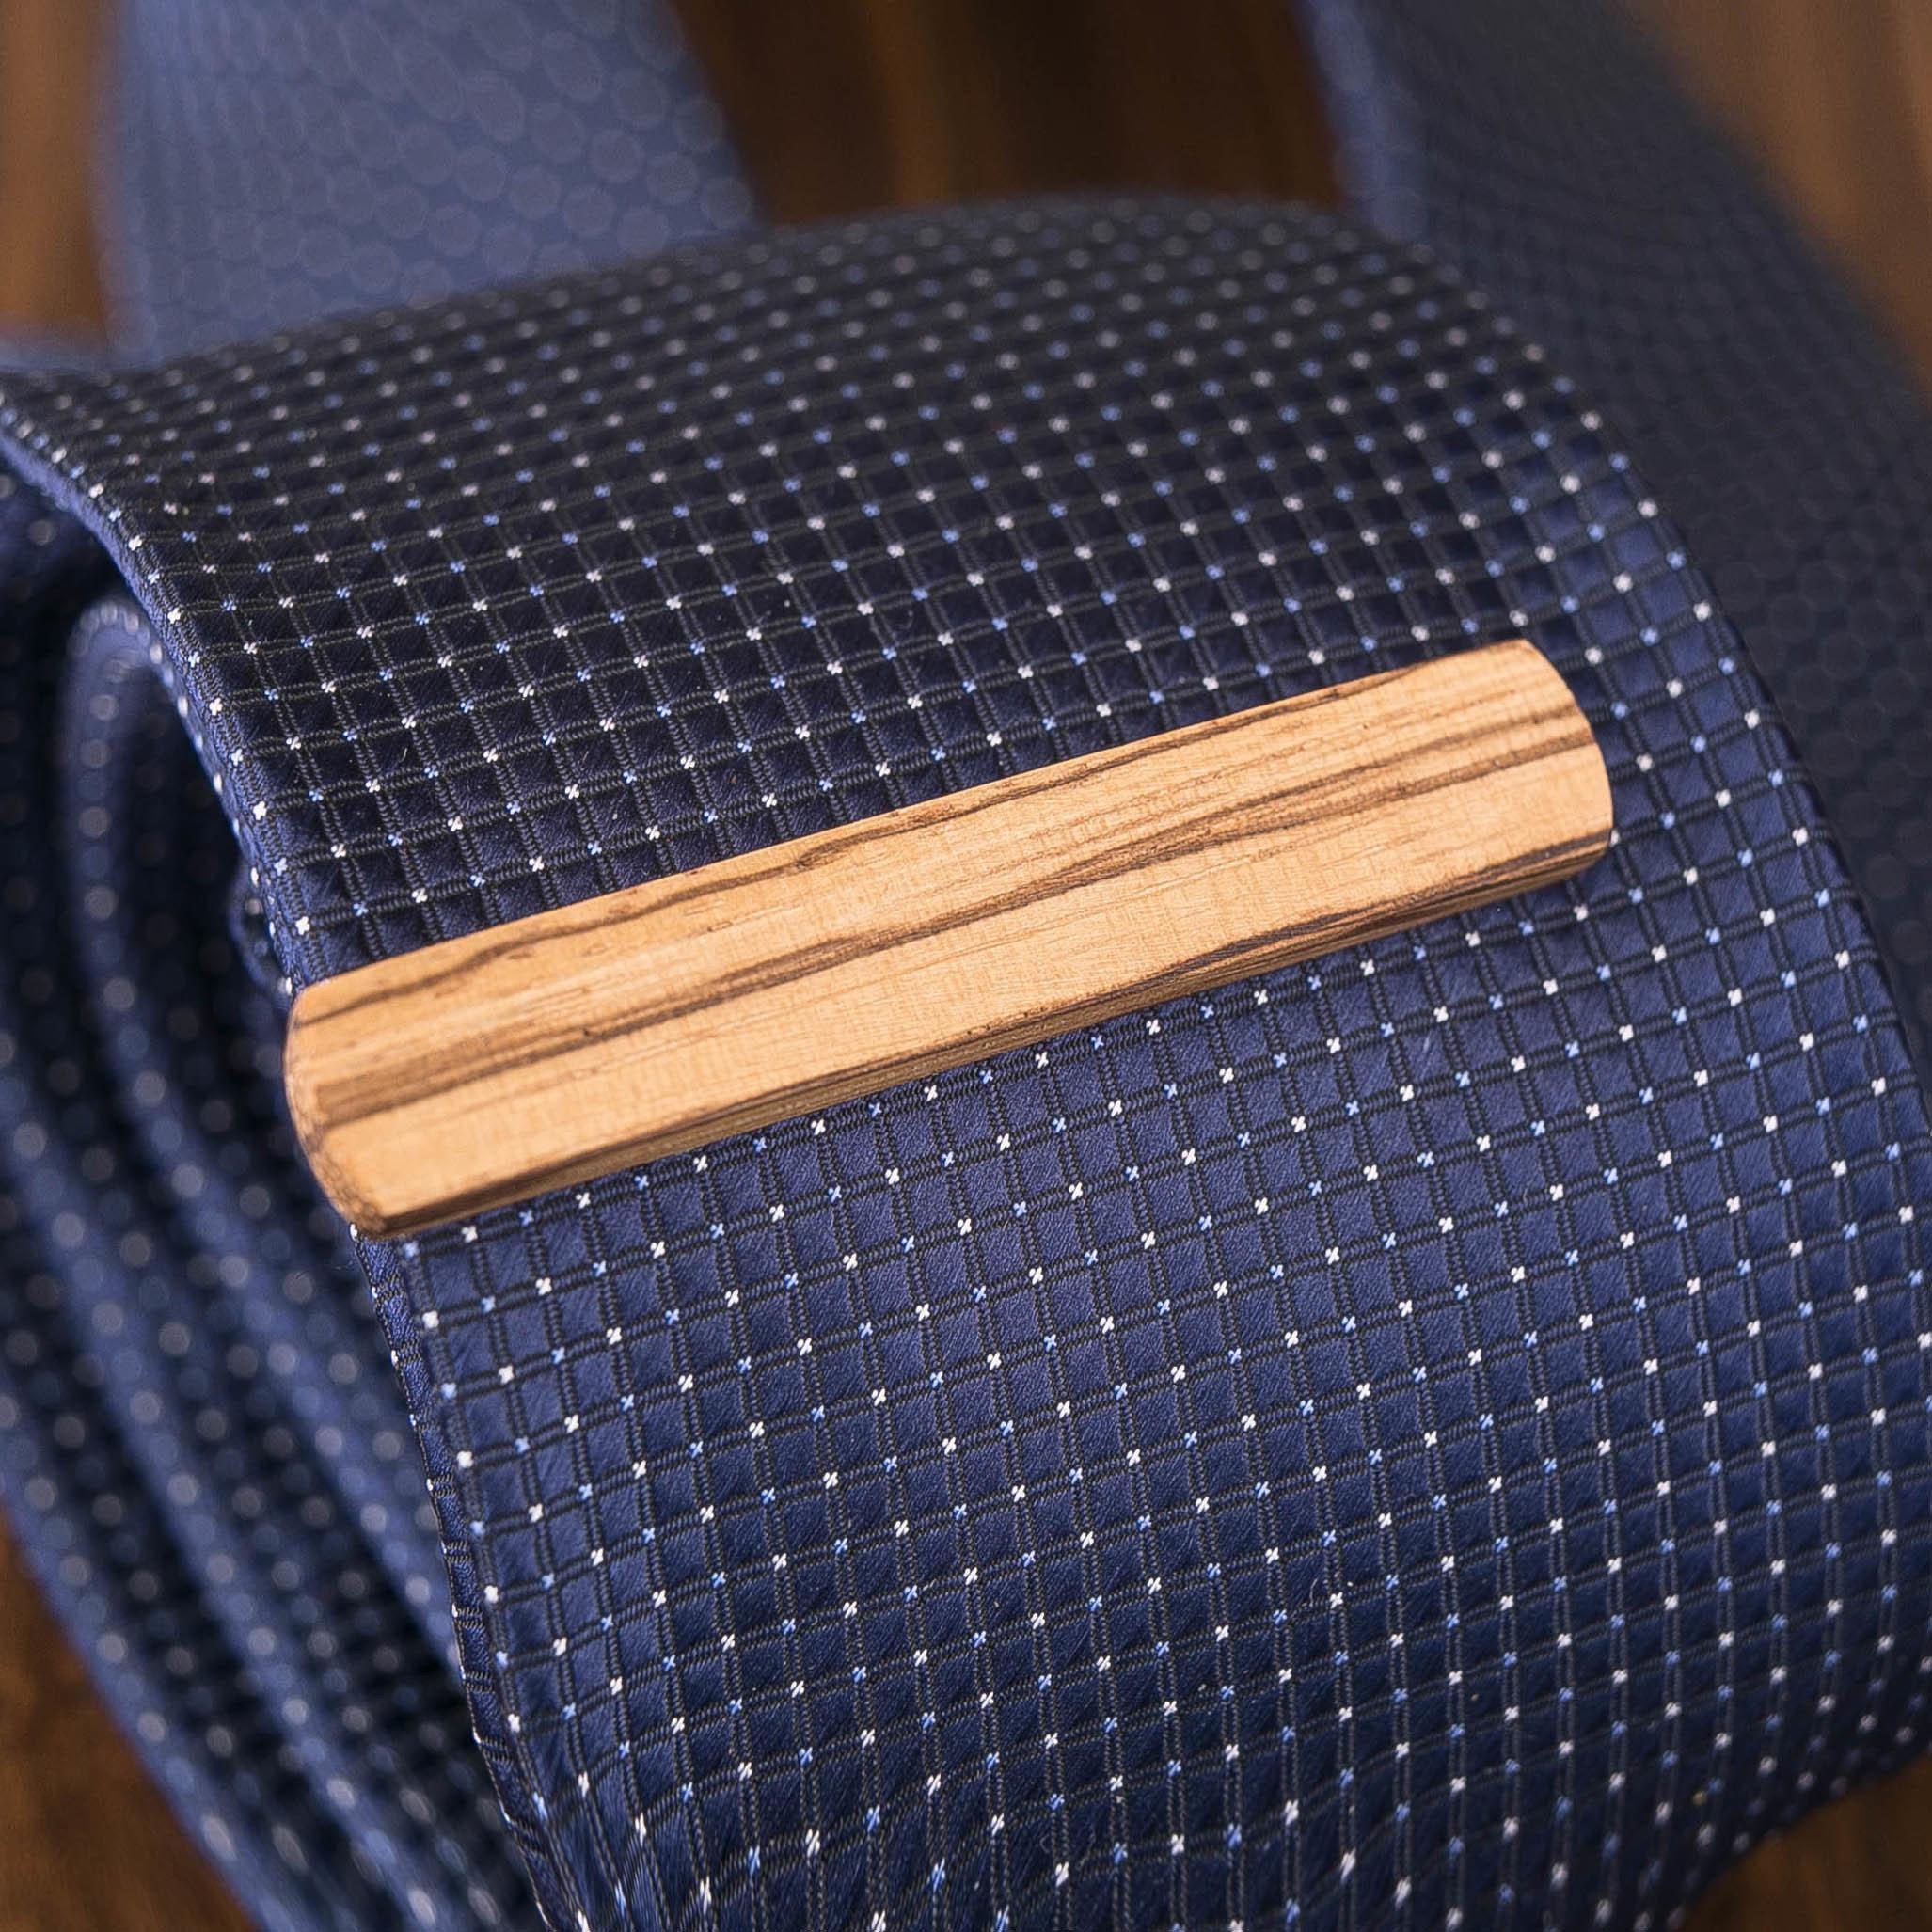 Деревянный зажим для галстука. Массив зебрано. Гравировка имени или инициалов. Планка для галстука. Подарок для друзей жениха. Подарок на деревянную свадьбу TW-ZebraTieClipH10